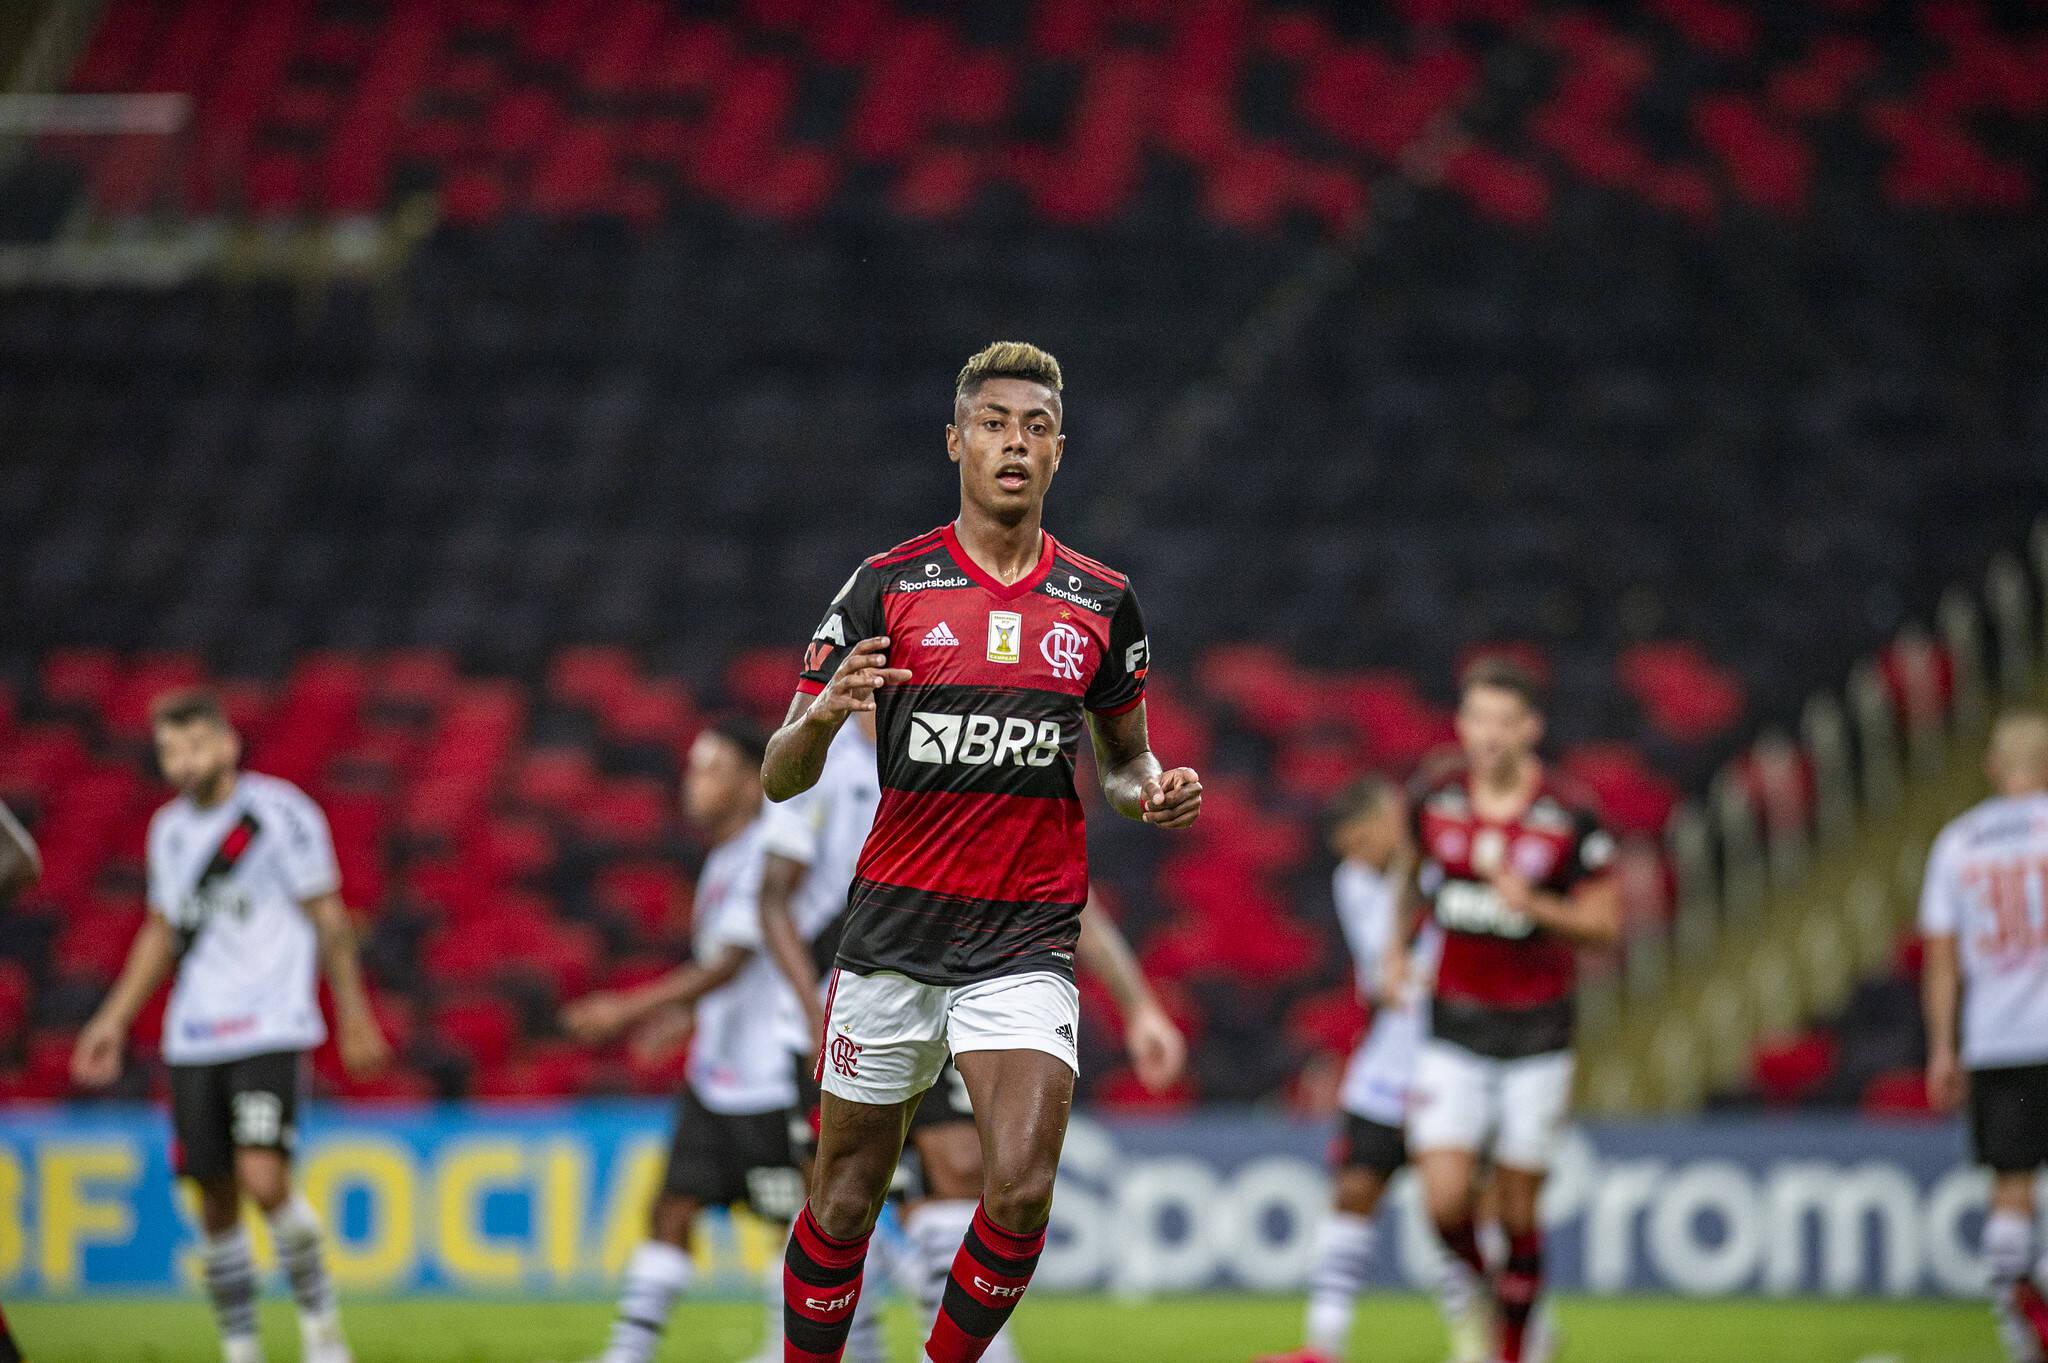 Foto: Maarcelo Cortes / Flamengo